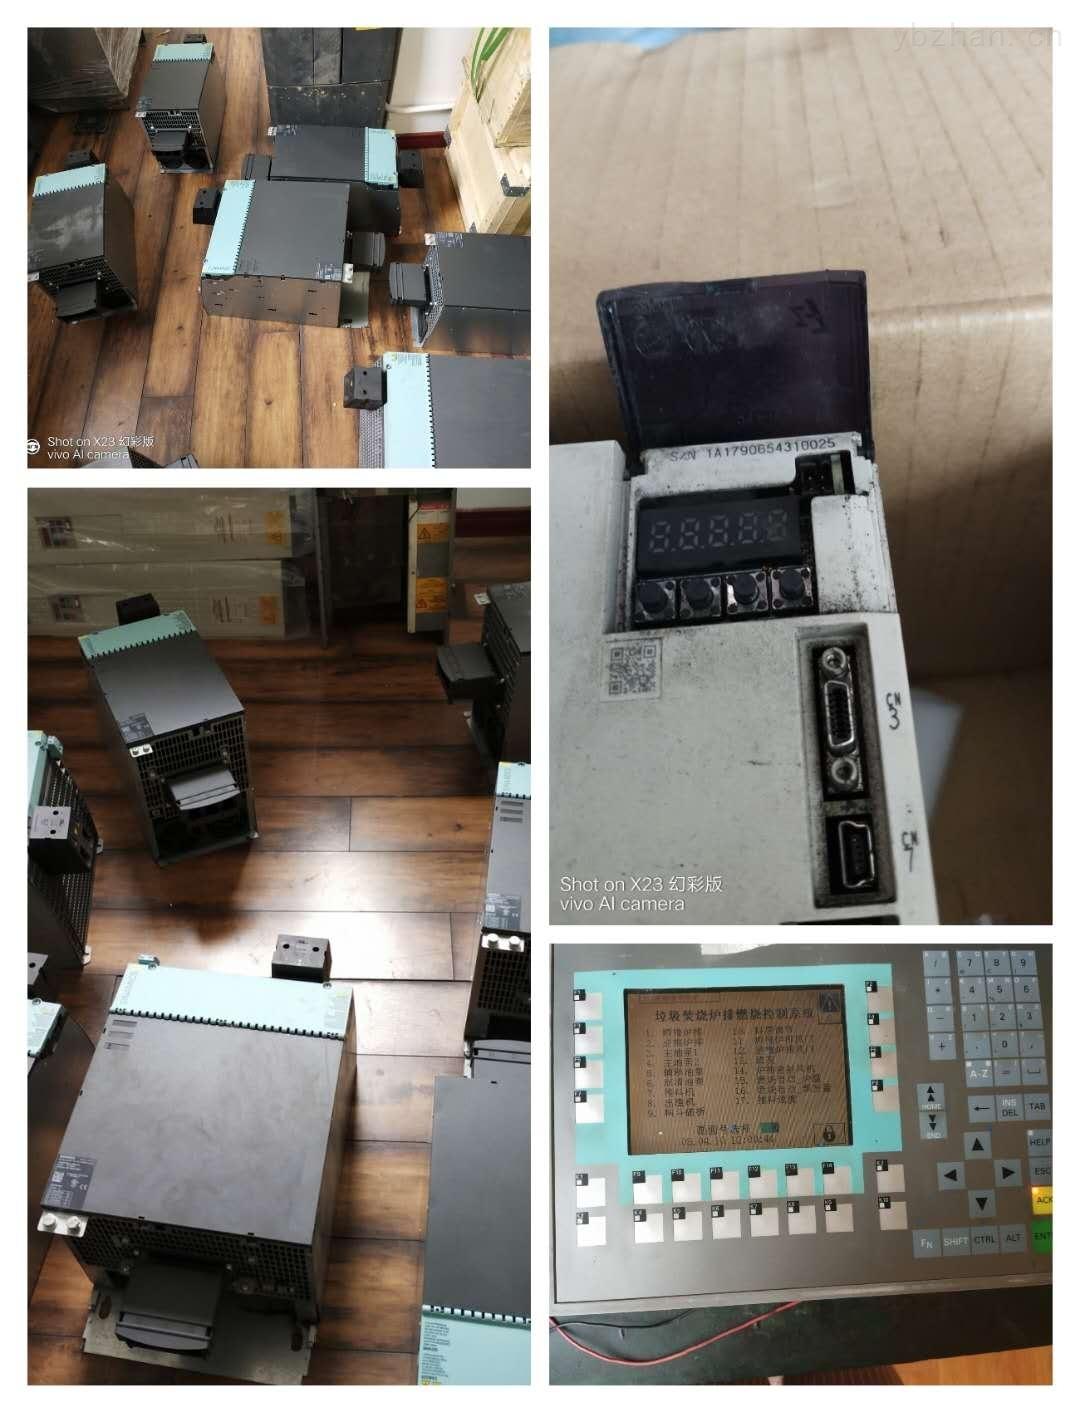 西门子840D系统报警故障300608维修